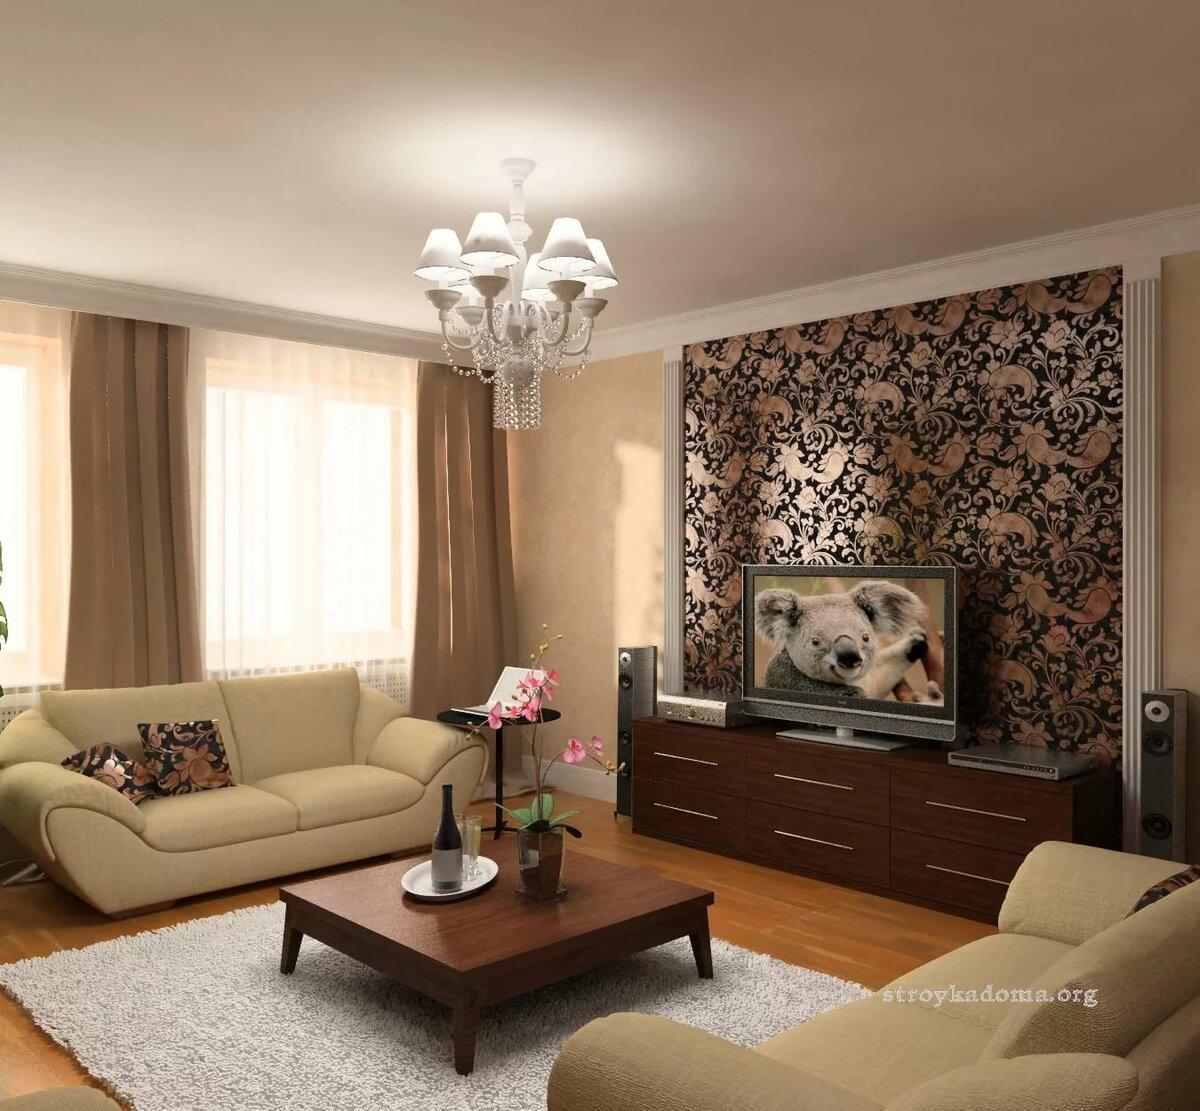 дизайн гостиной в квартире фото реальные тем является одним